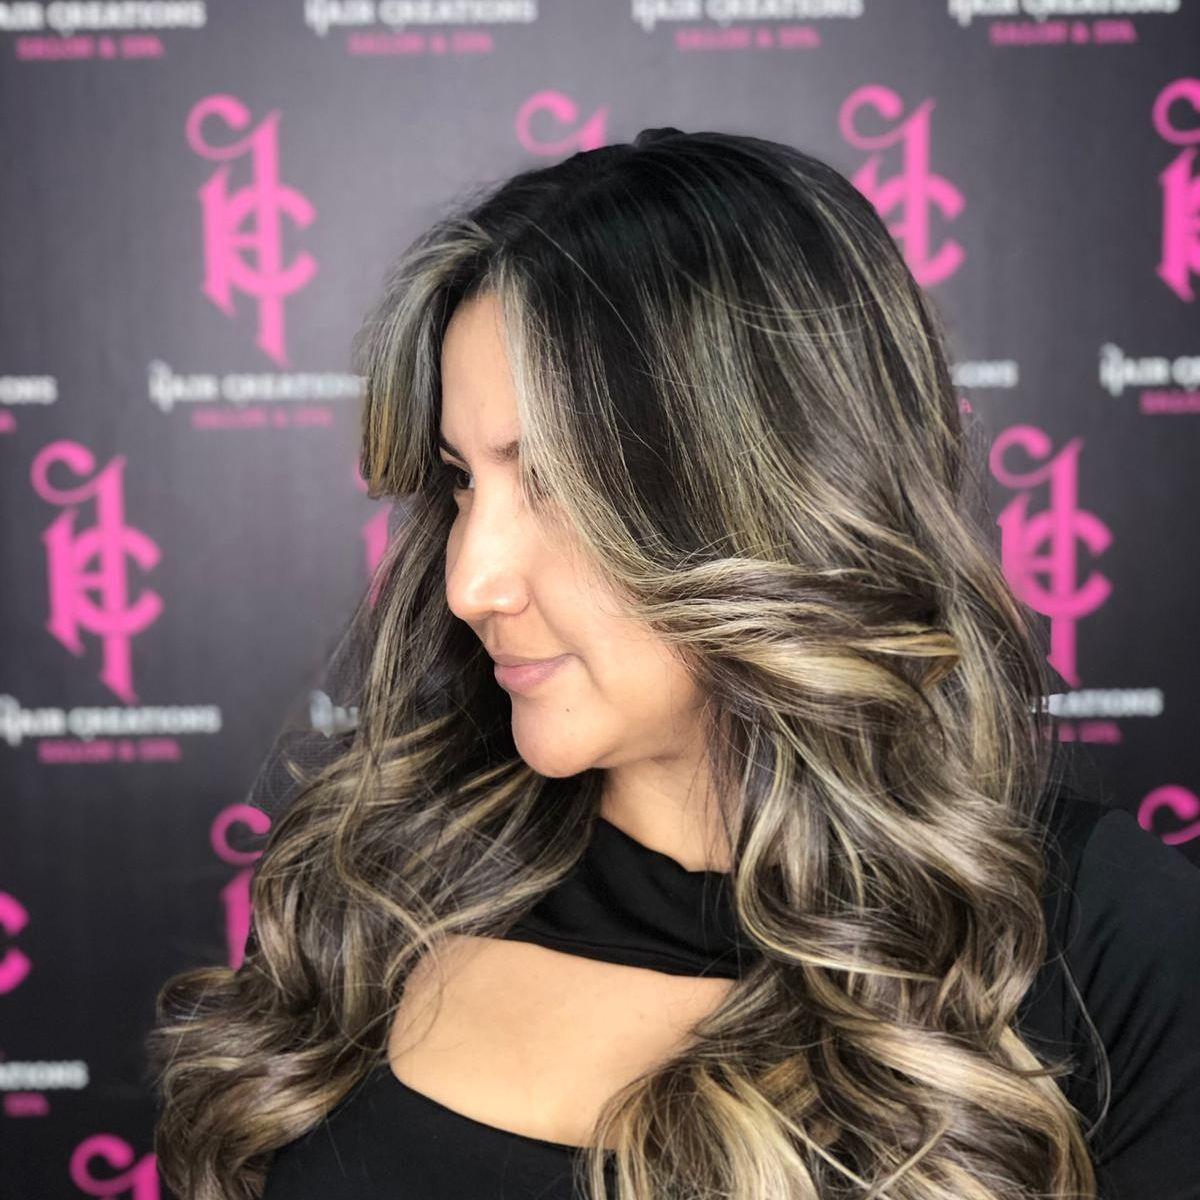 Hair Creations Salon & Spa